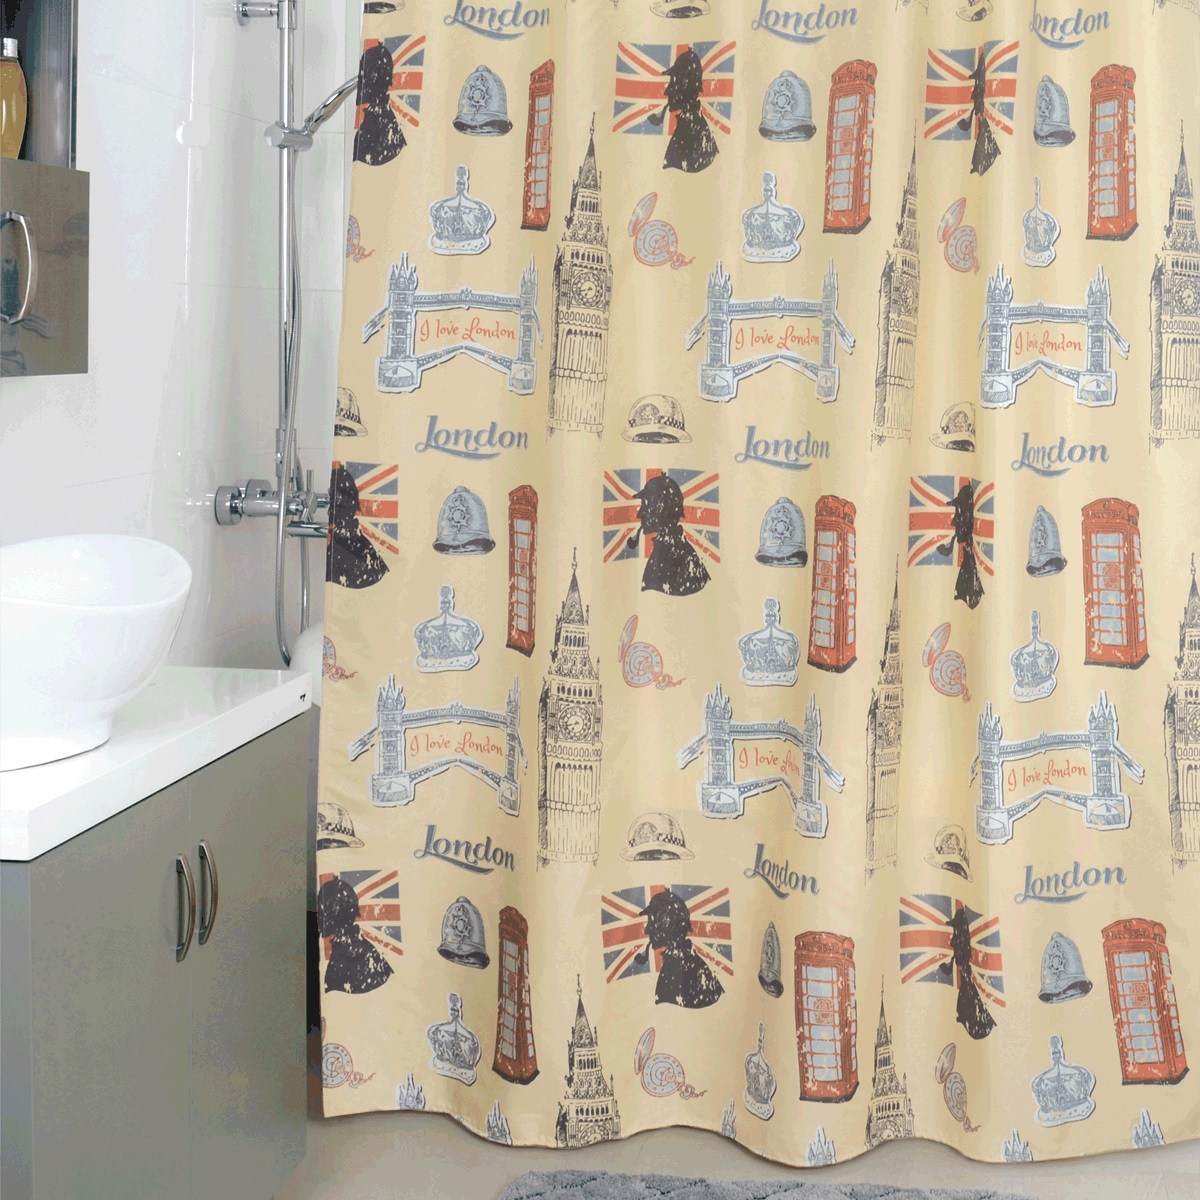 """Штора для ванной Milardo Milardo """"British Sings"""", изготовленная из полиэстера - водонепроницаемого, мягкого на ощупь и прочного материала, идеально защищает ванную комнату от брызг. В верхней кромке шторы предусмотрены металлические отверстия для колец, которые входят в комплект.Штора Milardo Milardo """"British Sings"""" порадует вас своим ярким дизайном и добавит уюта в ванную комнату. Плотность: 80 г/м.Количество колец: 12 шт."""